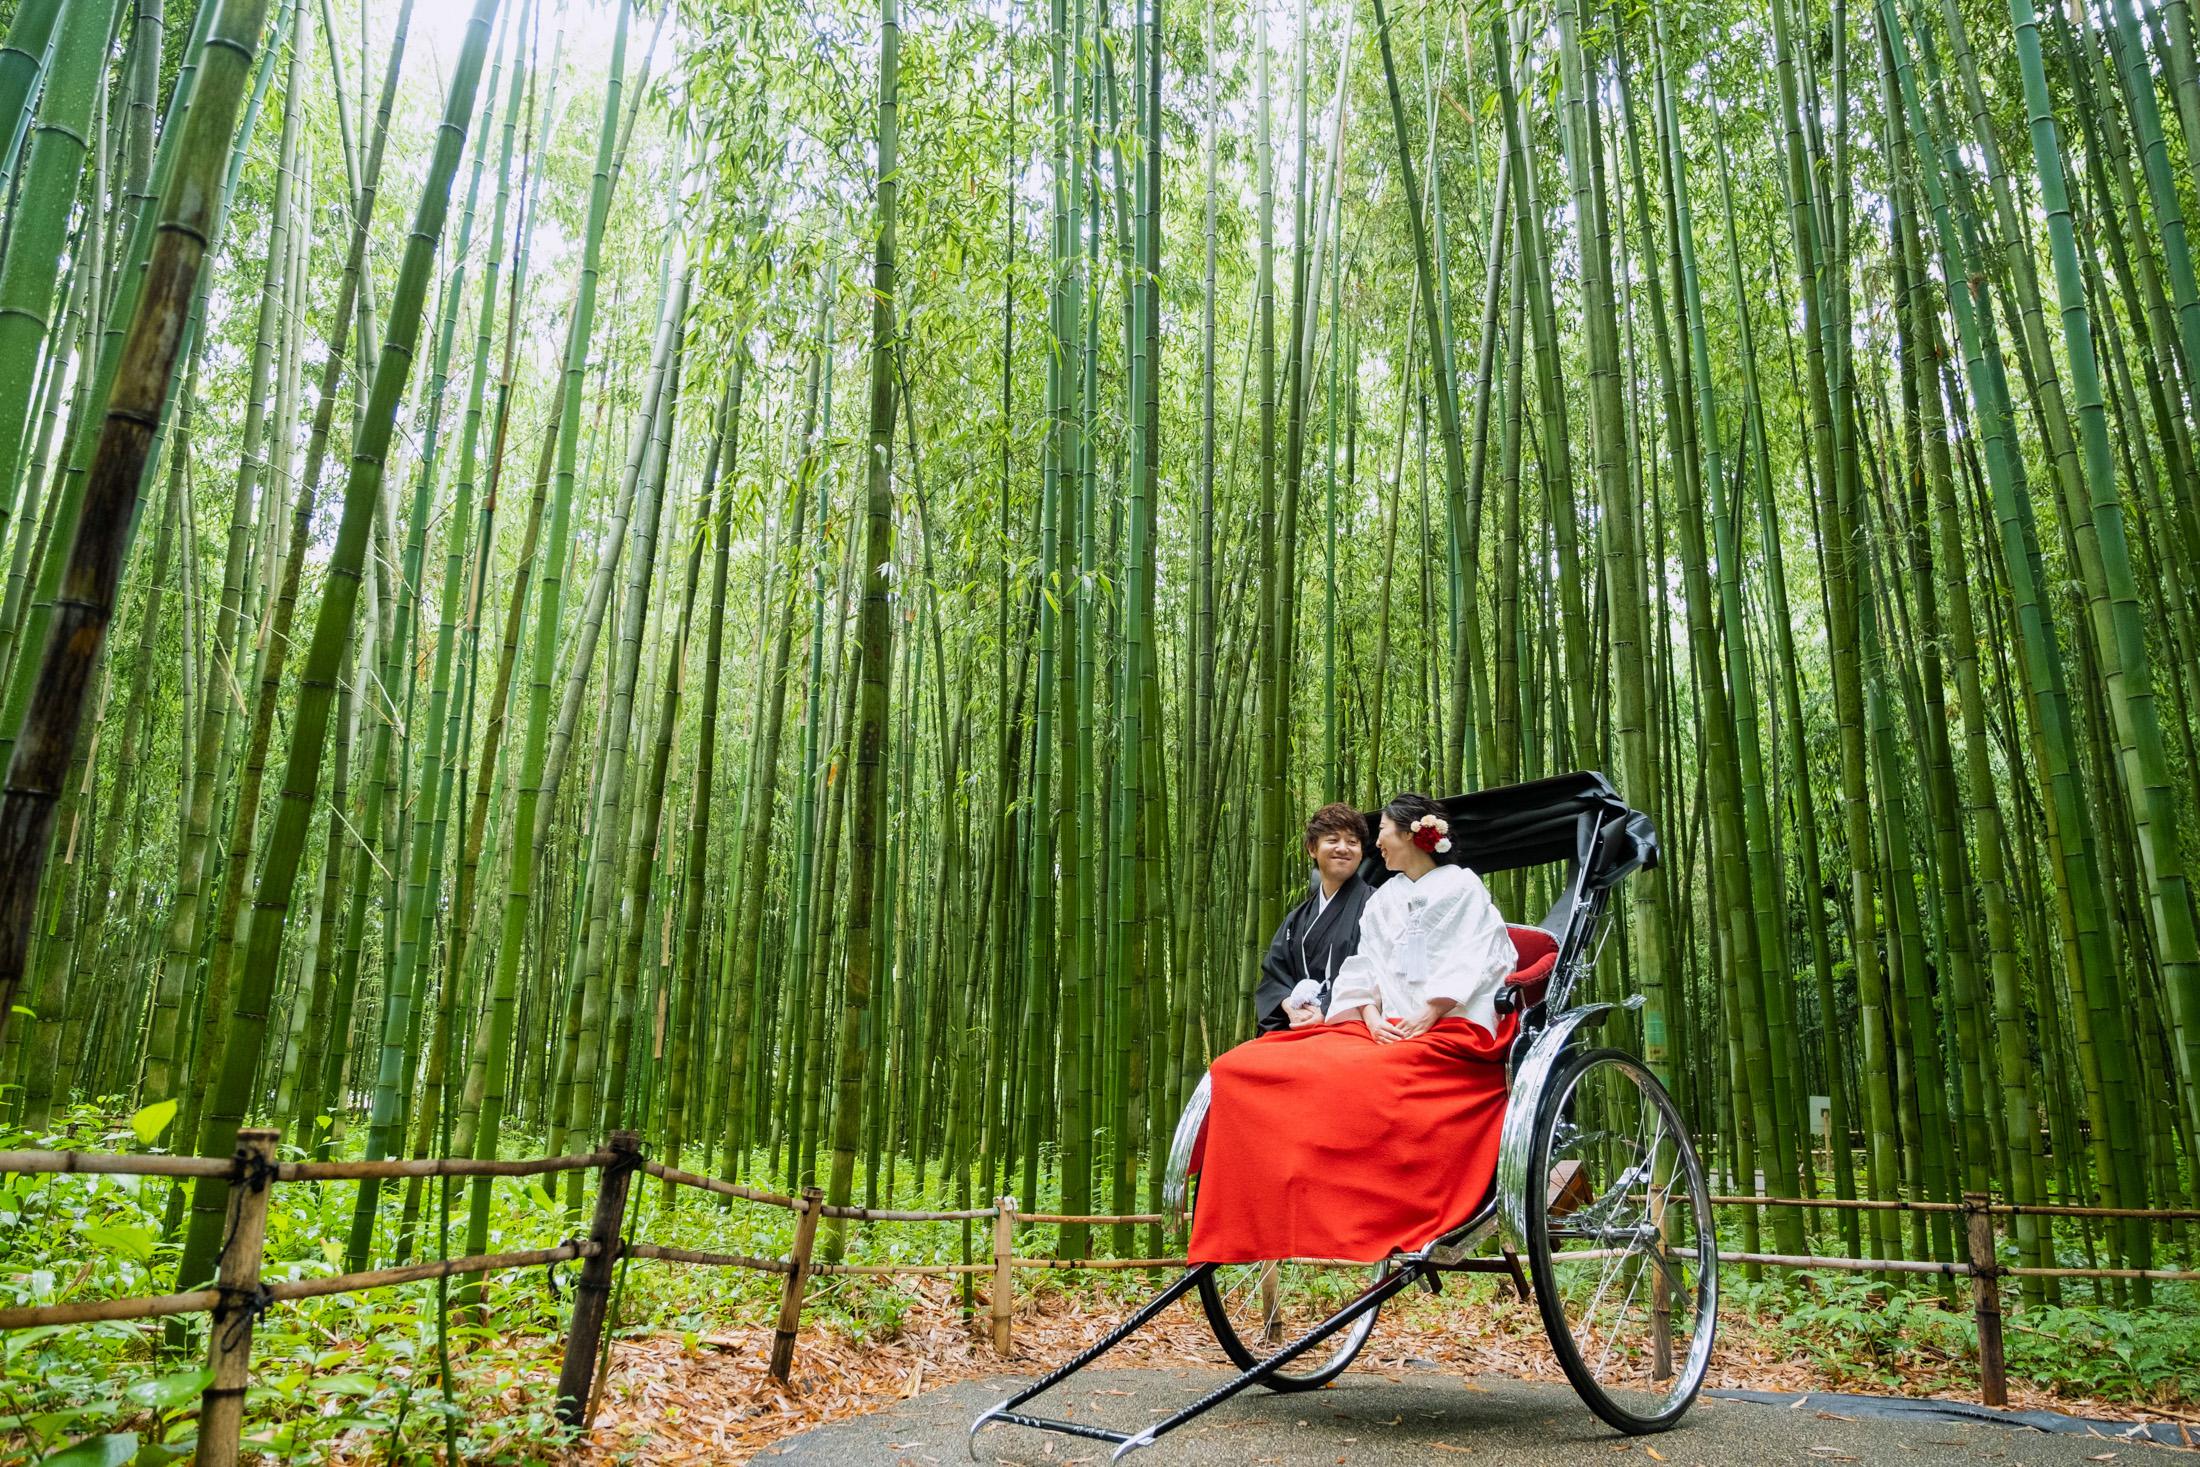 嵐山で人力車に乗って前撮り(白無垢)